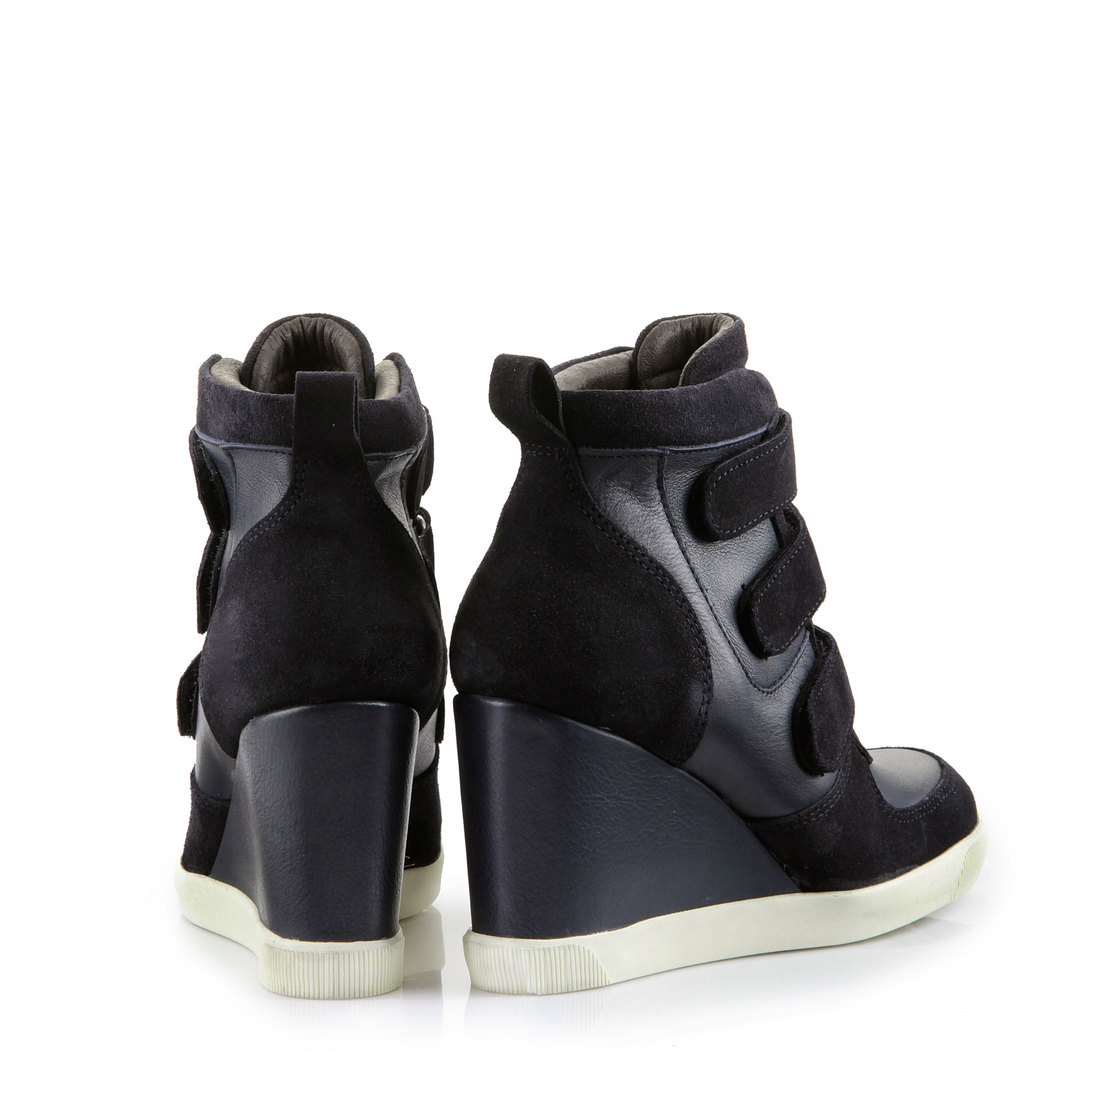 wedge sneakers online